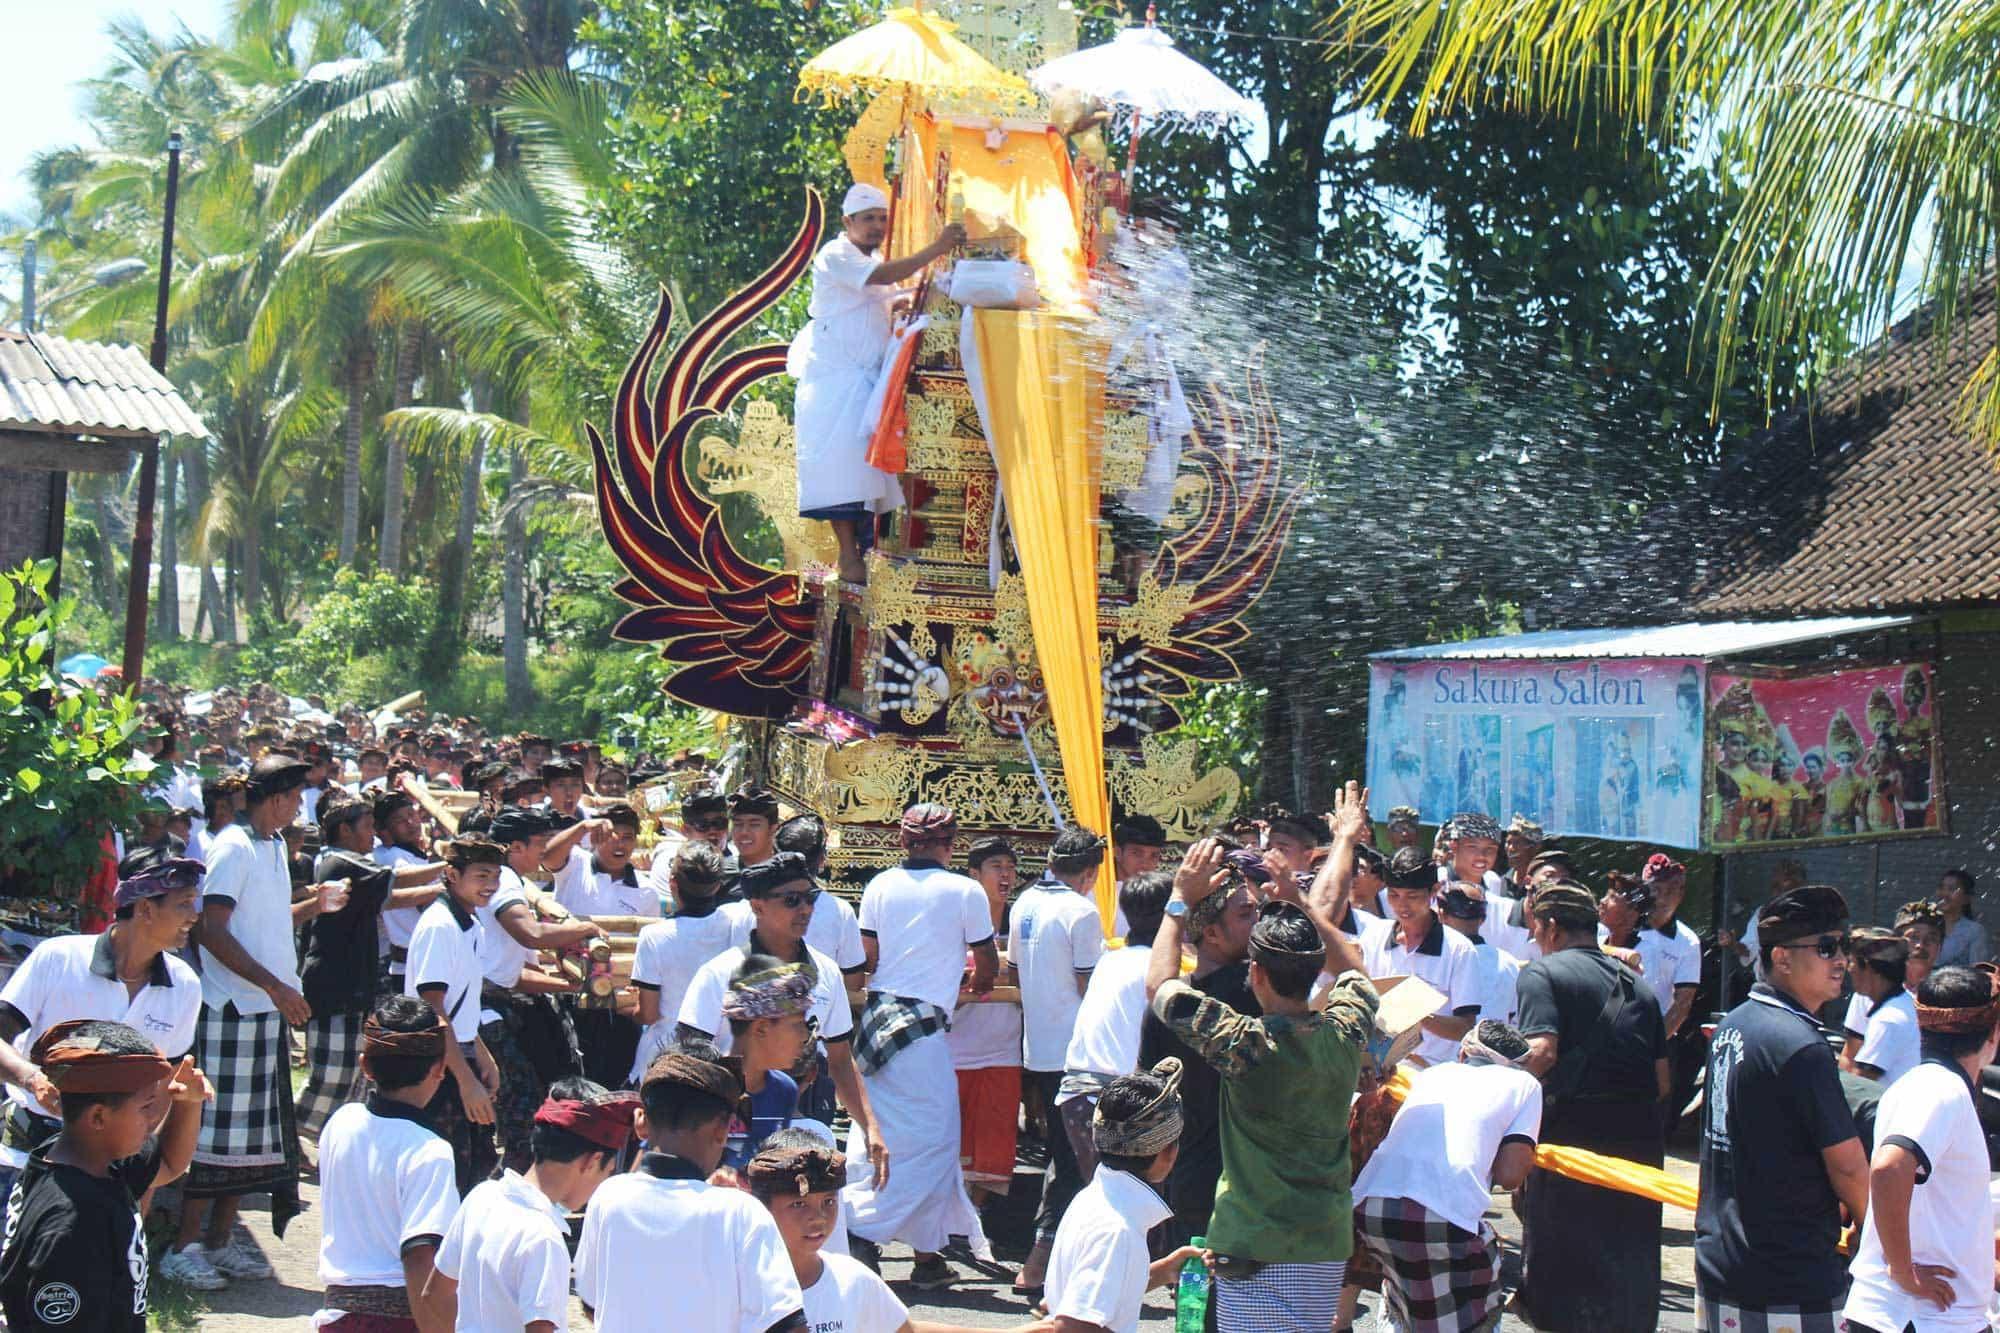 Bali Cérémonie cremation place pegesangan village